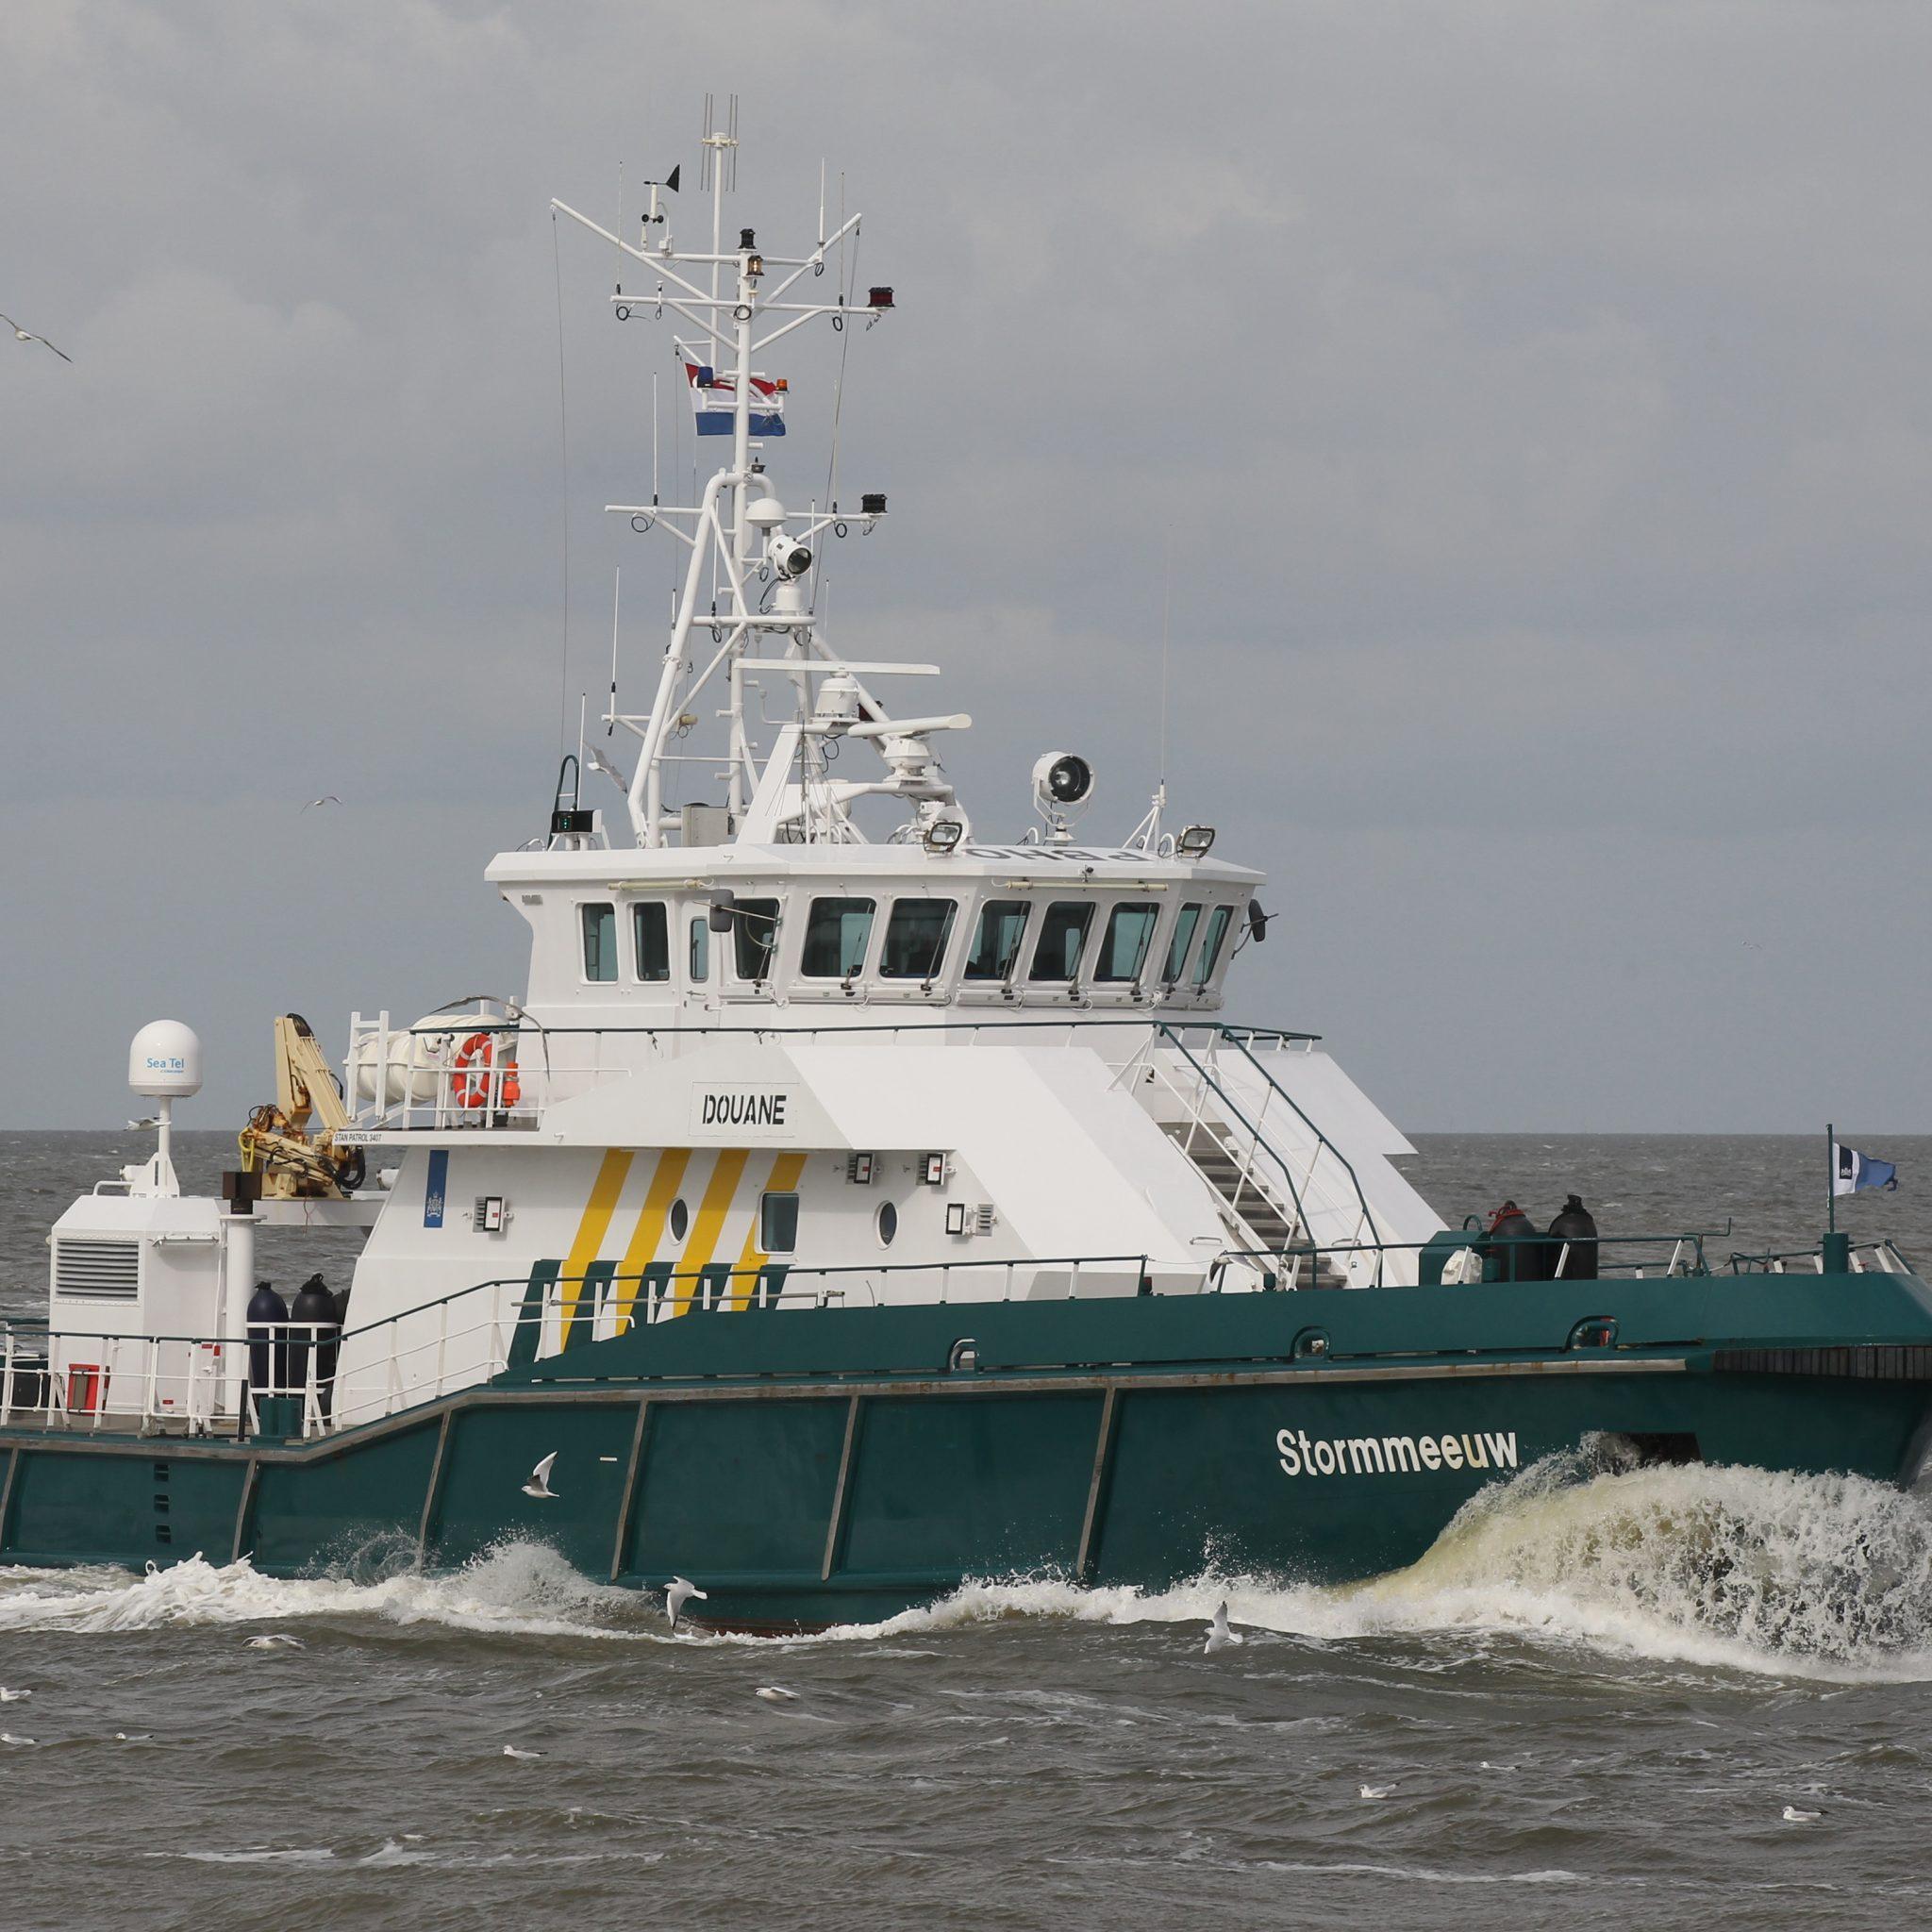 De Stormmeeuw in actie als douanevaartuig. (Foto Bram Pronk)